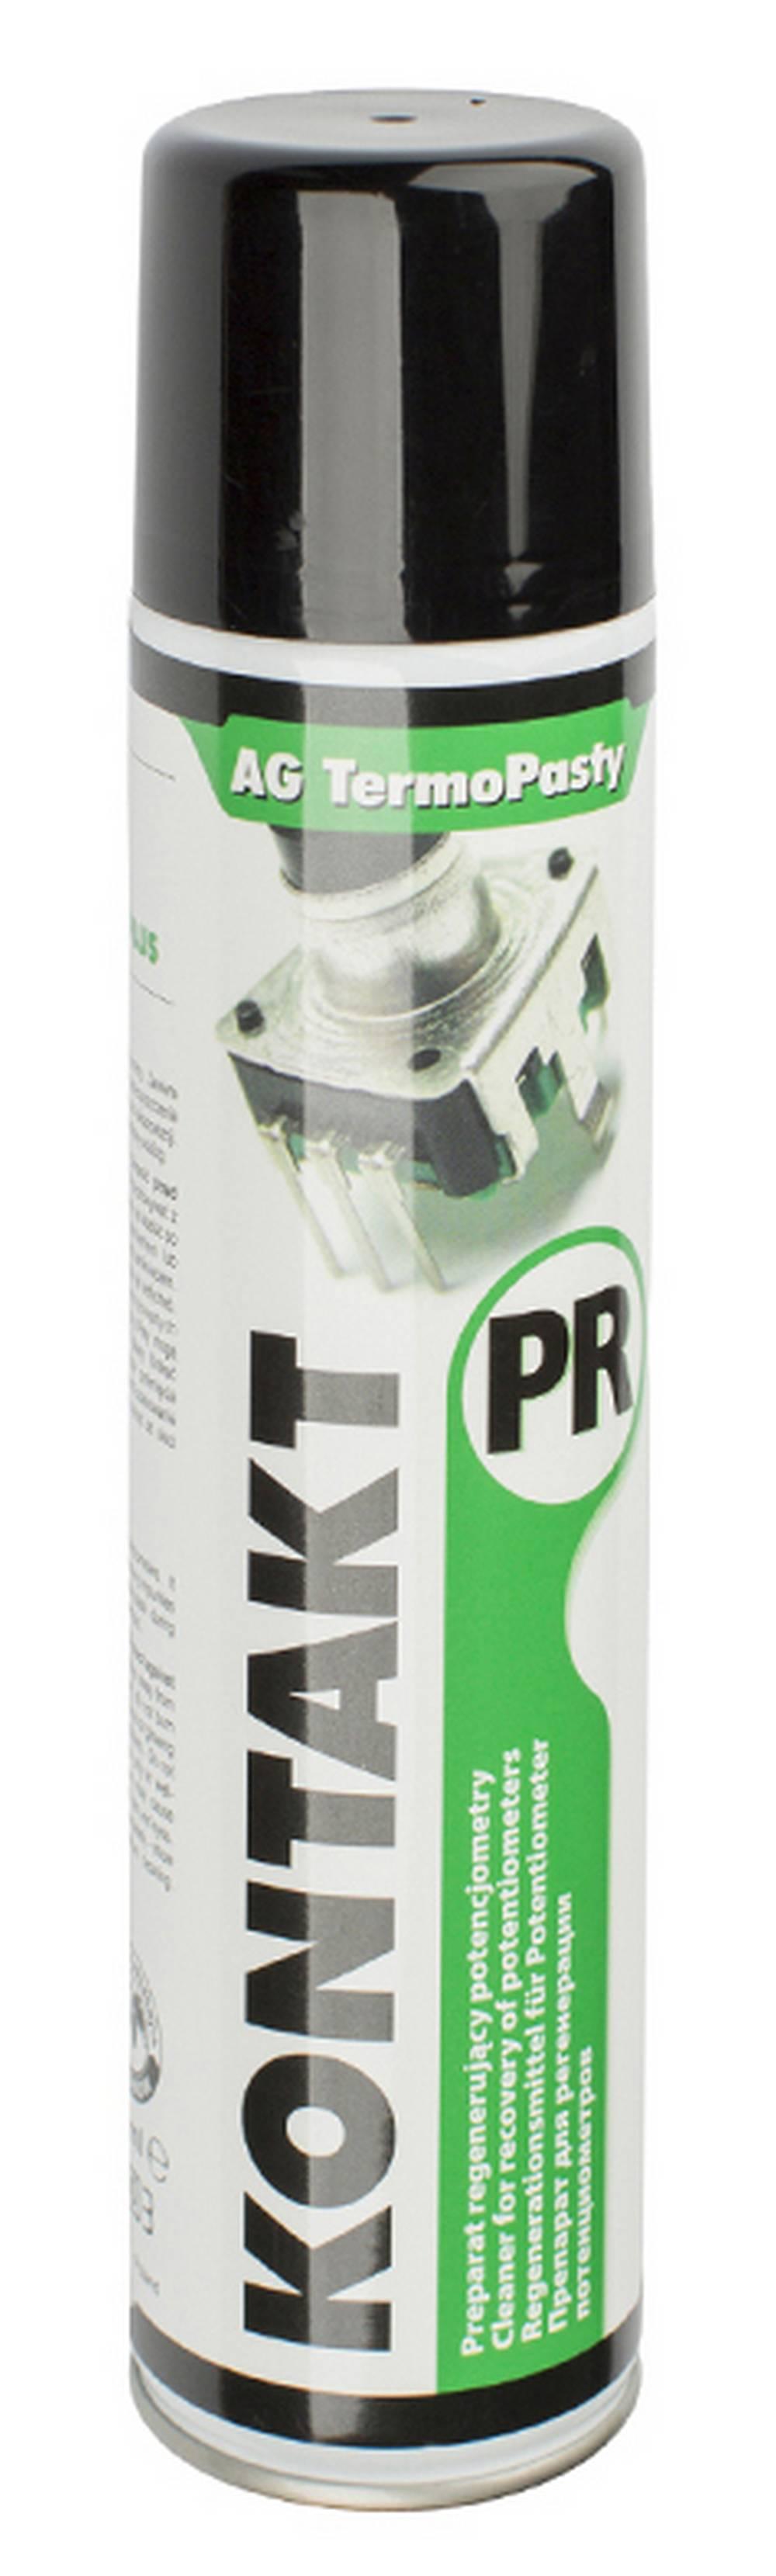 Σπρέϊ Καθαρισμού Ποτενσιόμετρων TermoPasty Kontakt PR 300ml Κατάλληλο για Καθαρισμό και Συντήρηση των Ποτενσιόμετρων